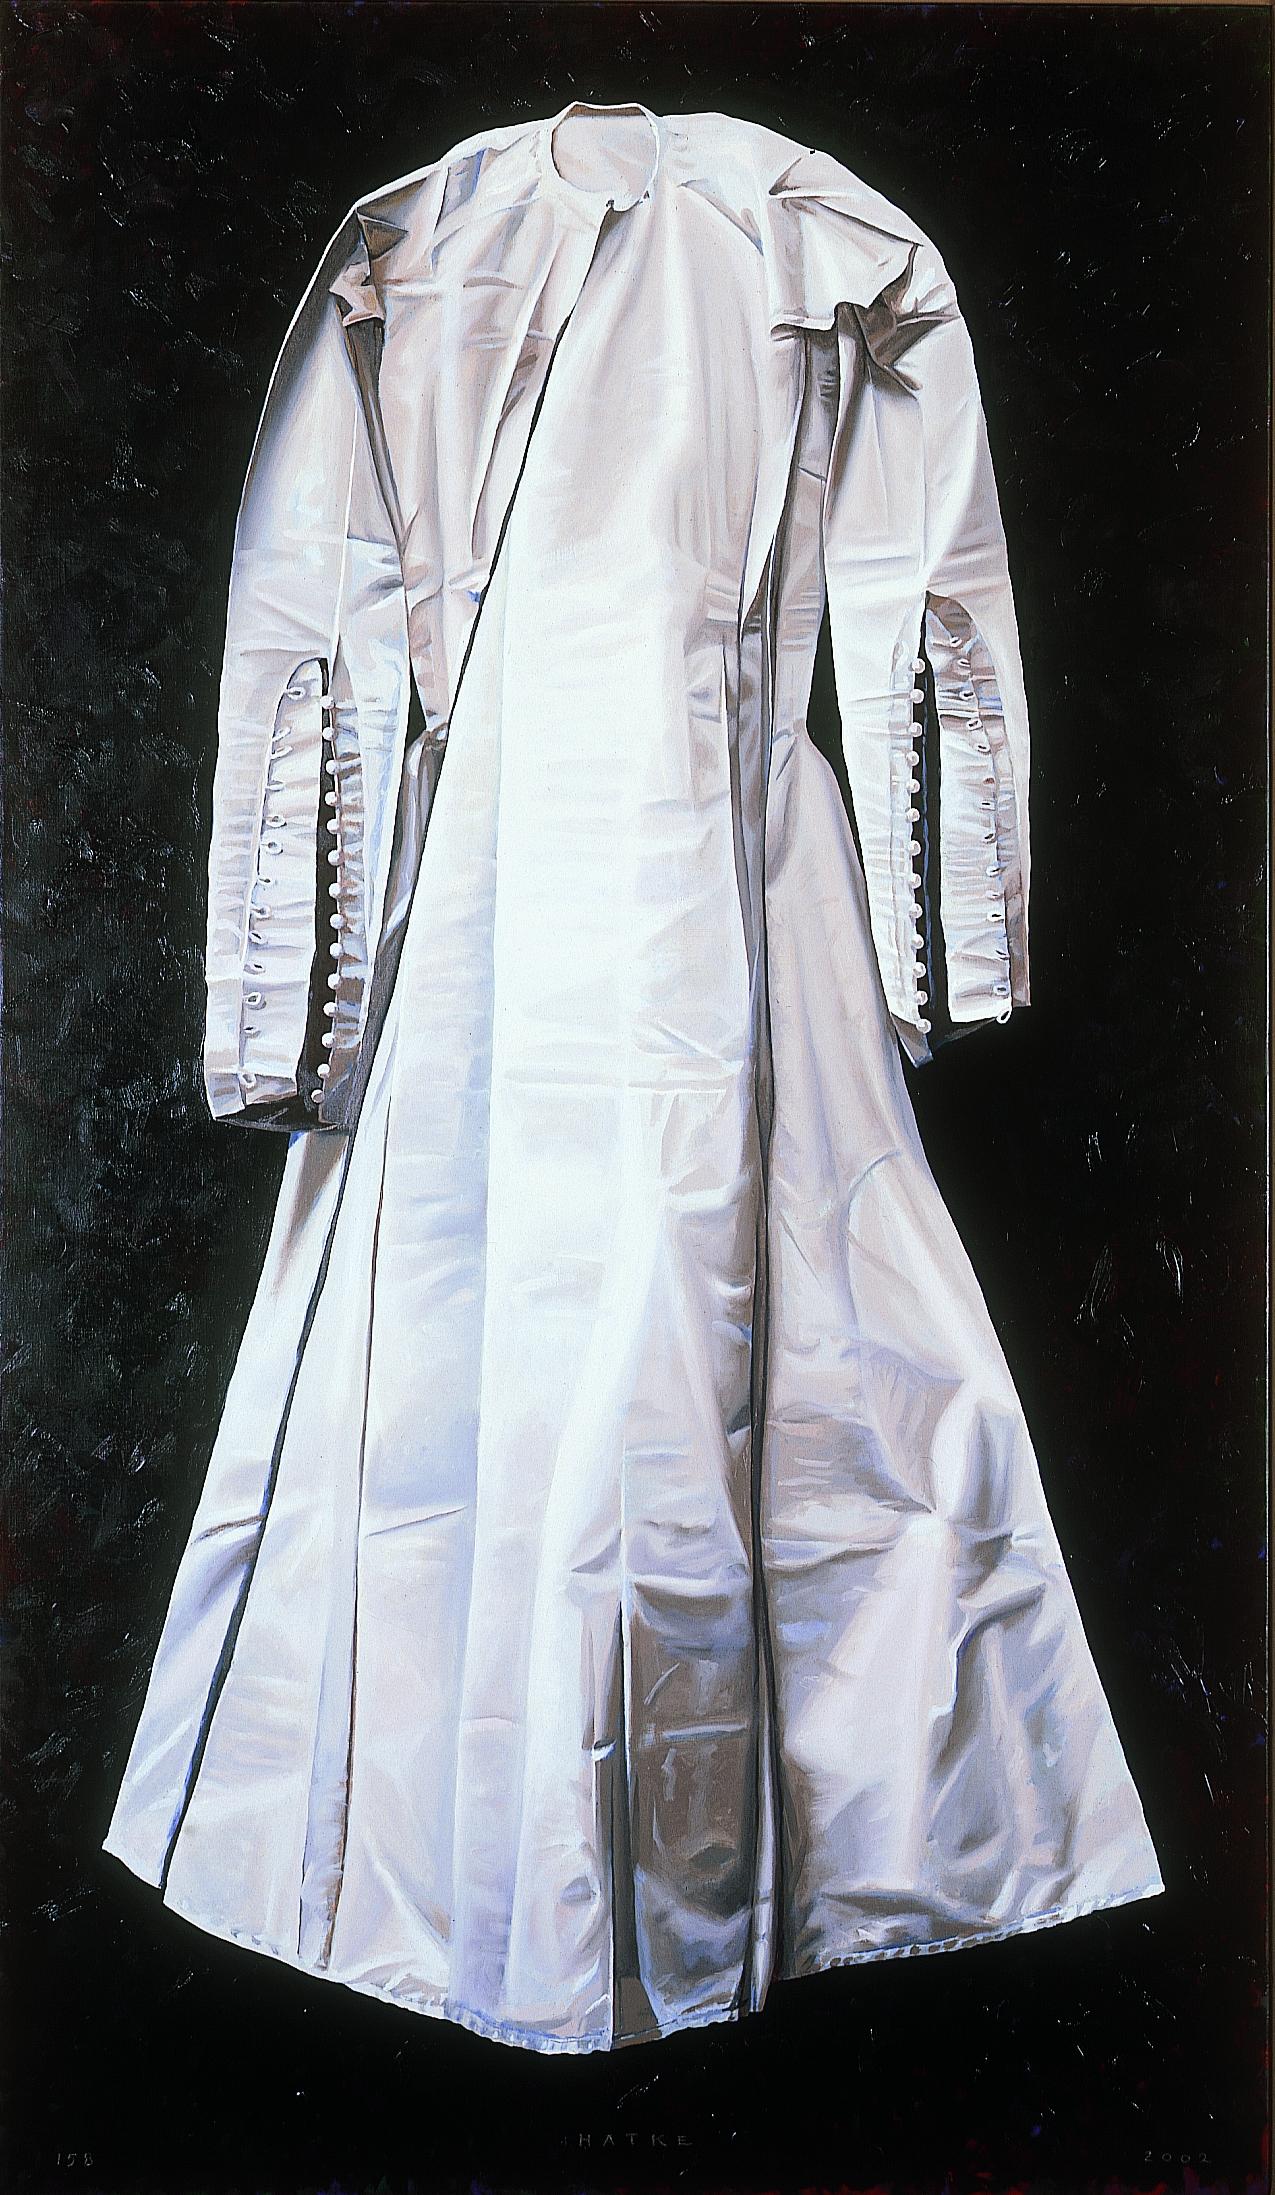 Walter Hatke, <i>The Gate's Garment</i>, giclee print, 2005